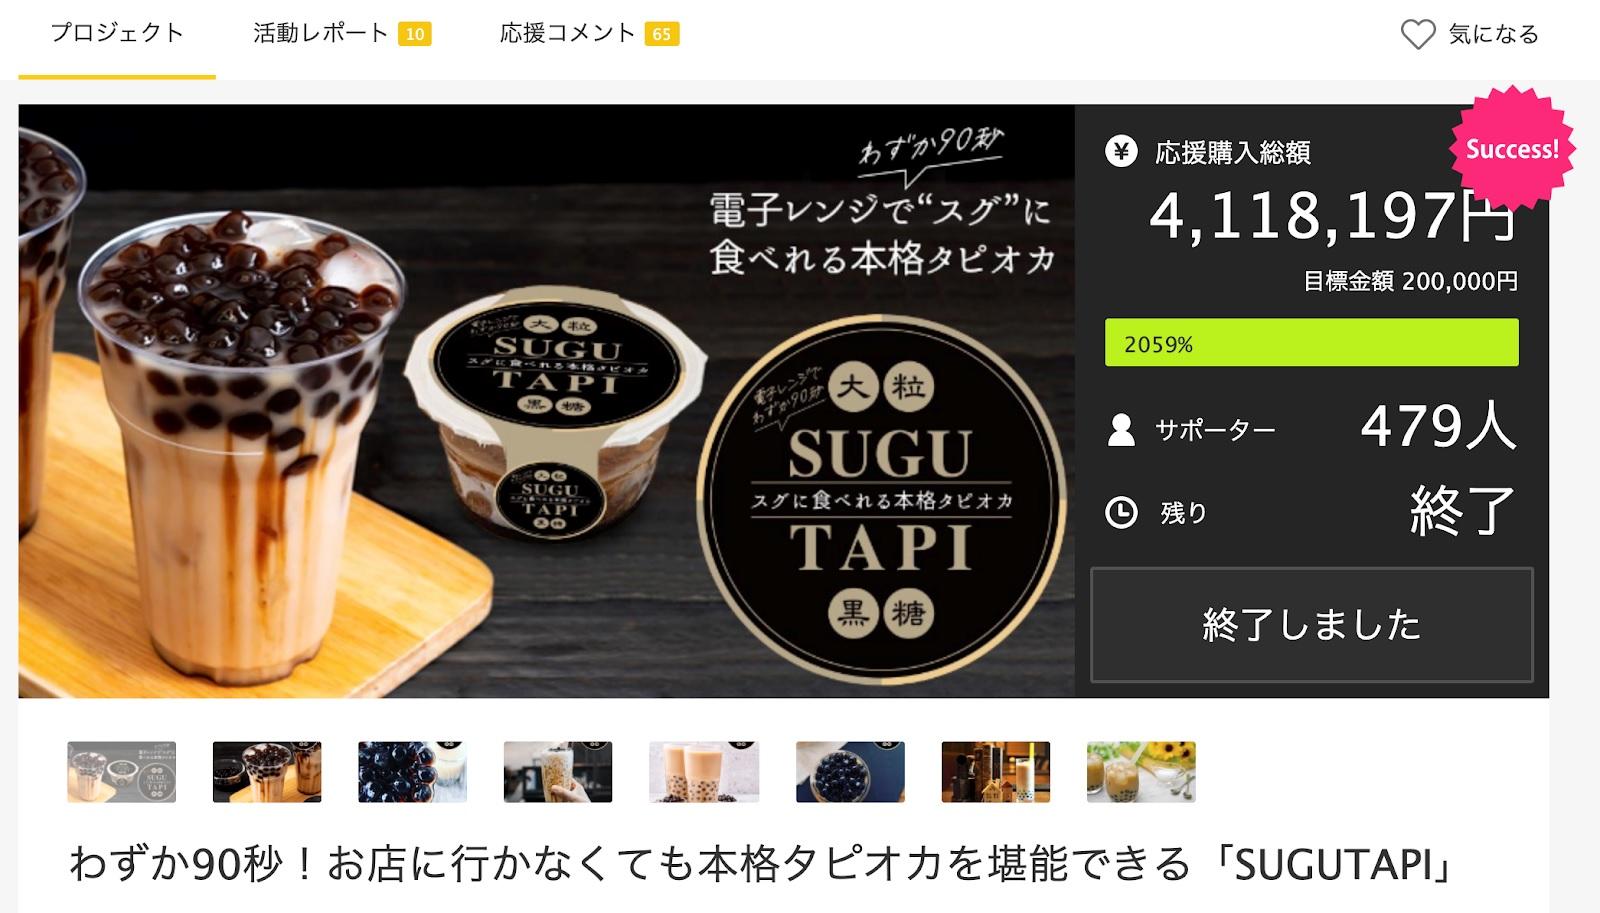 クラウドファンディング実績 Sugutapi